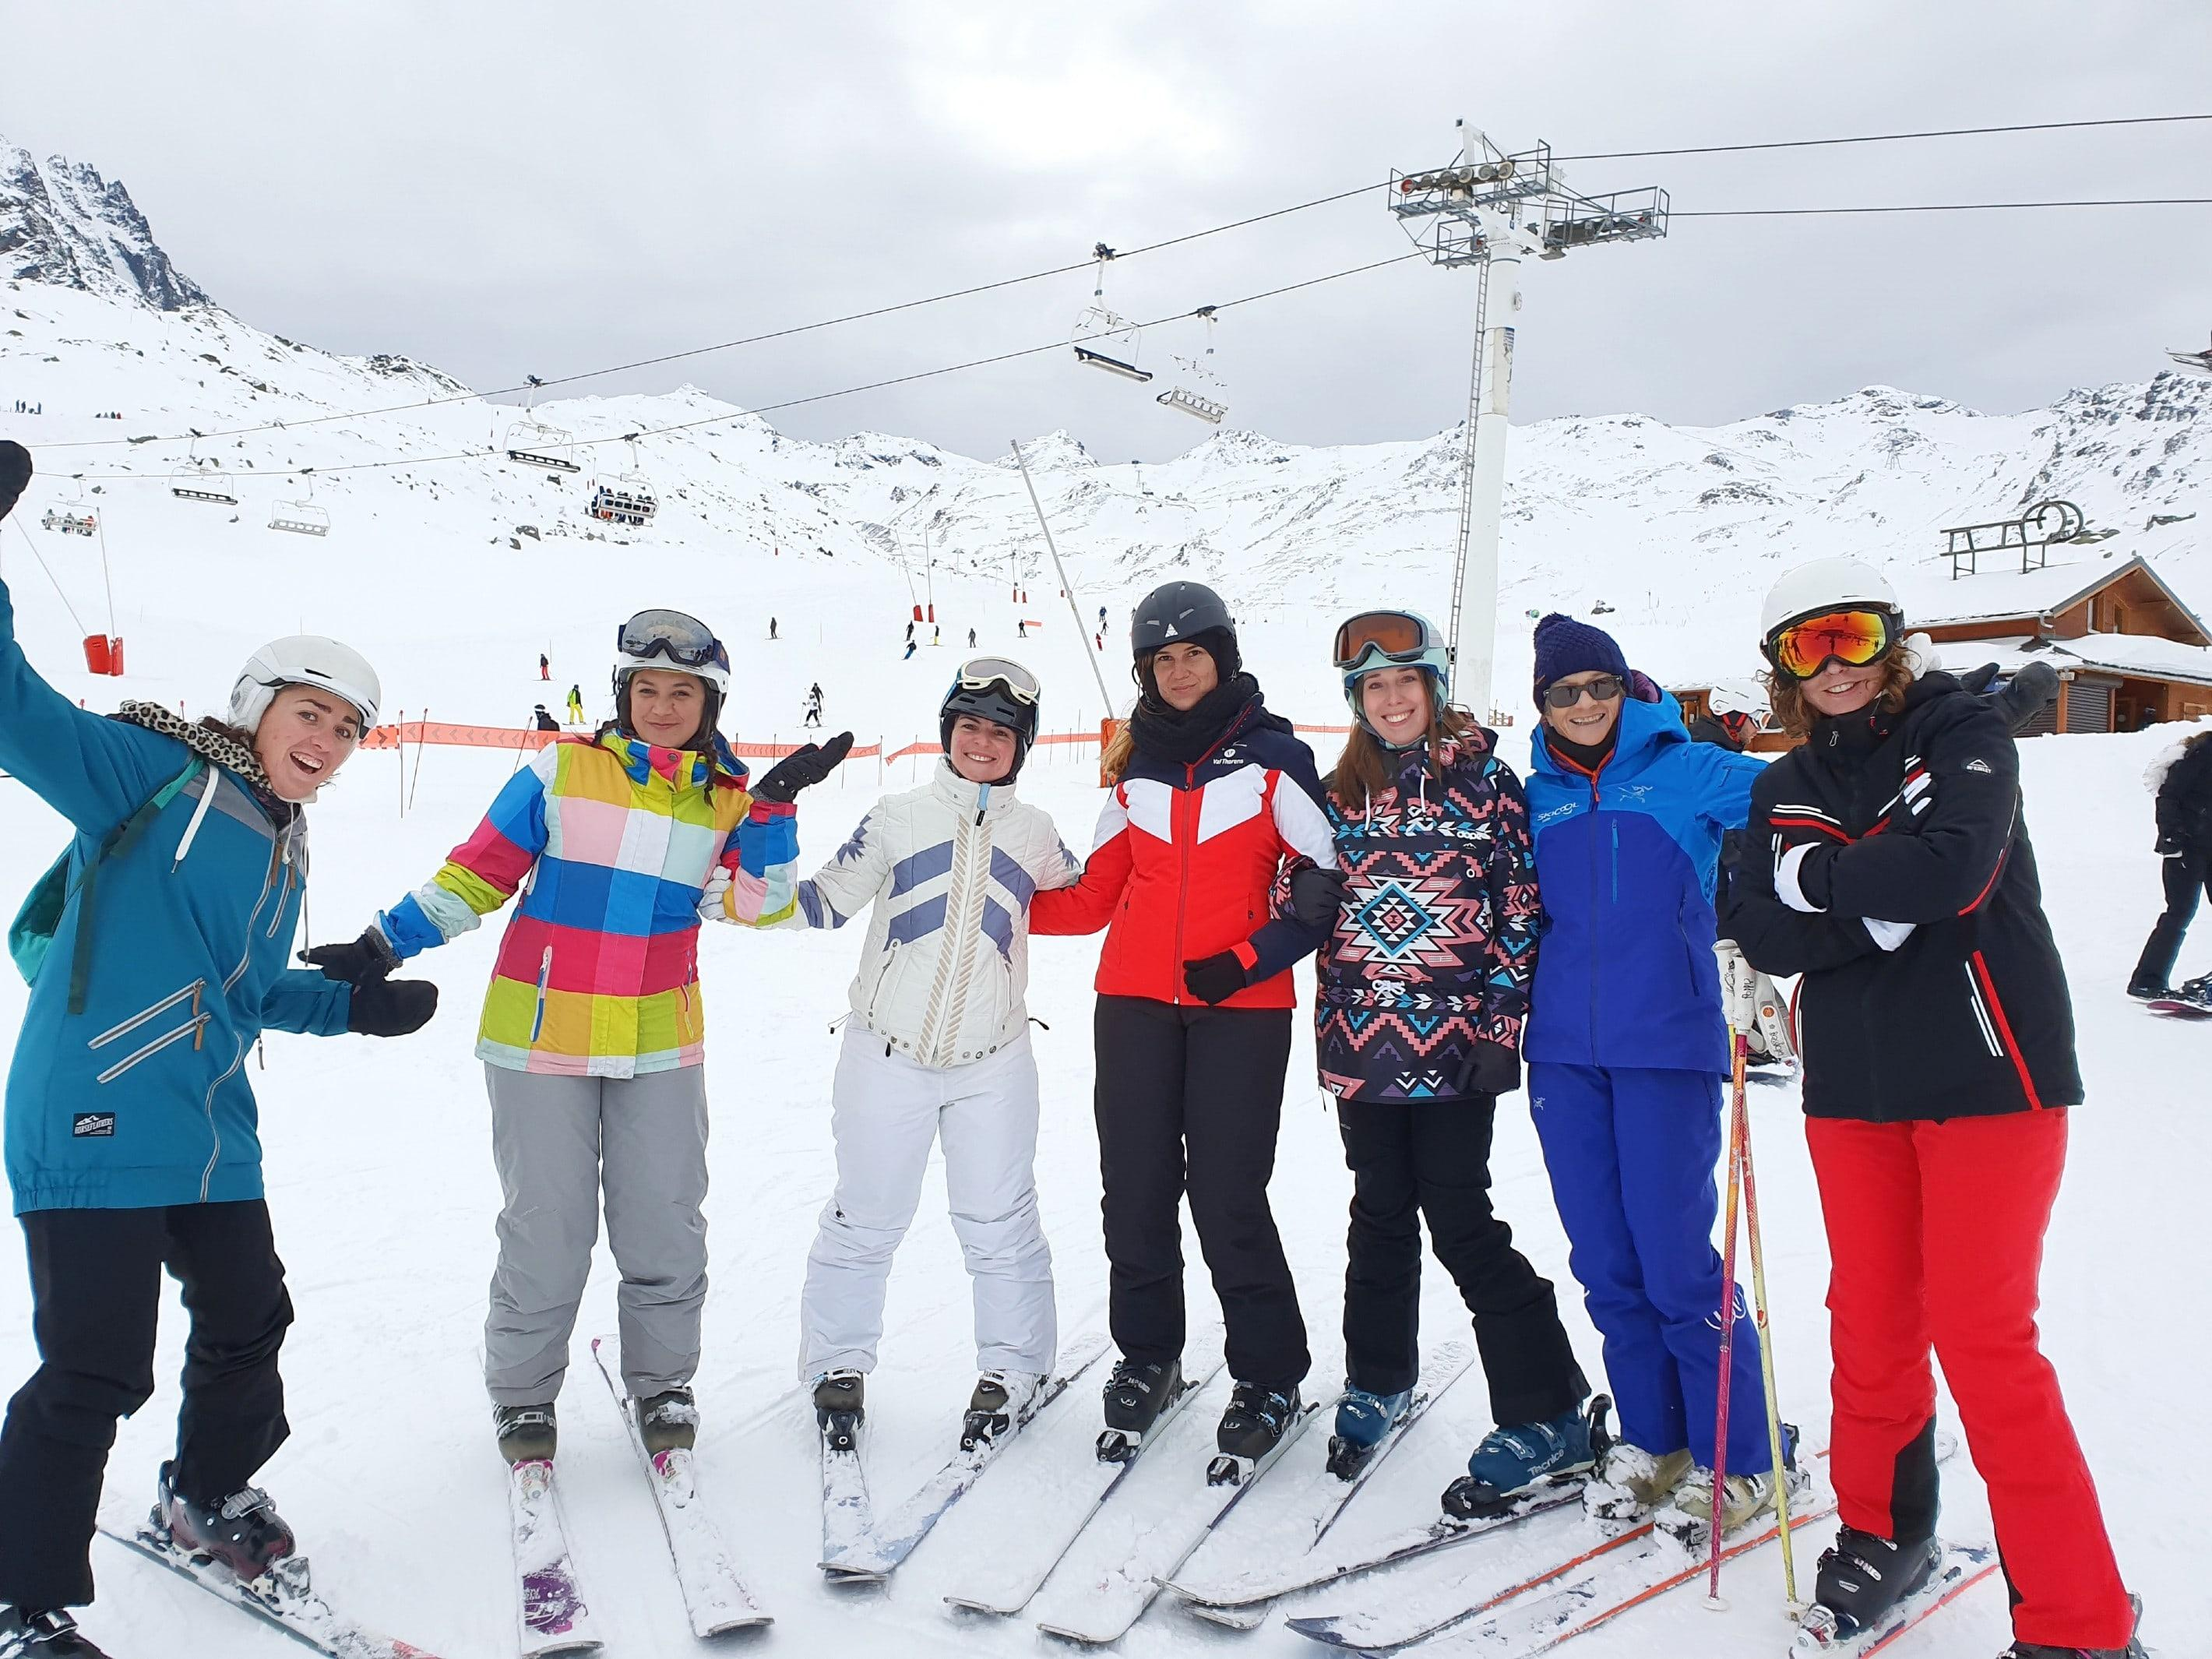 Skilessen voor volwassenen vanaf 13 jaar - ervaren